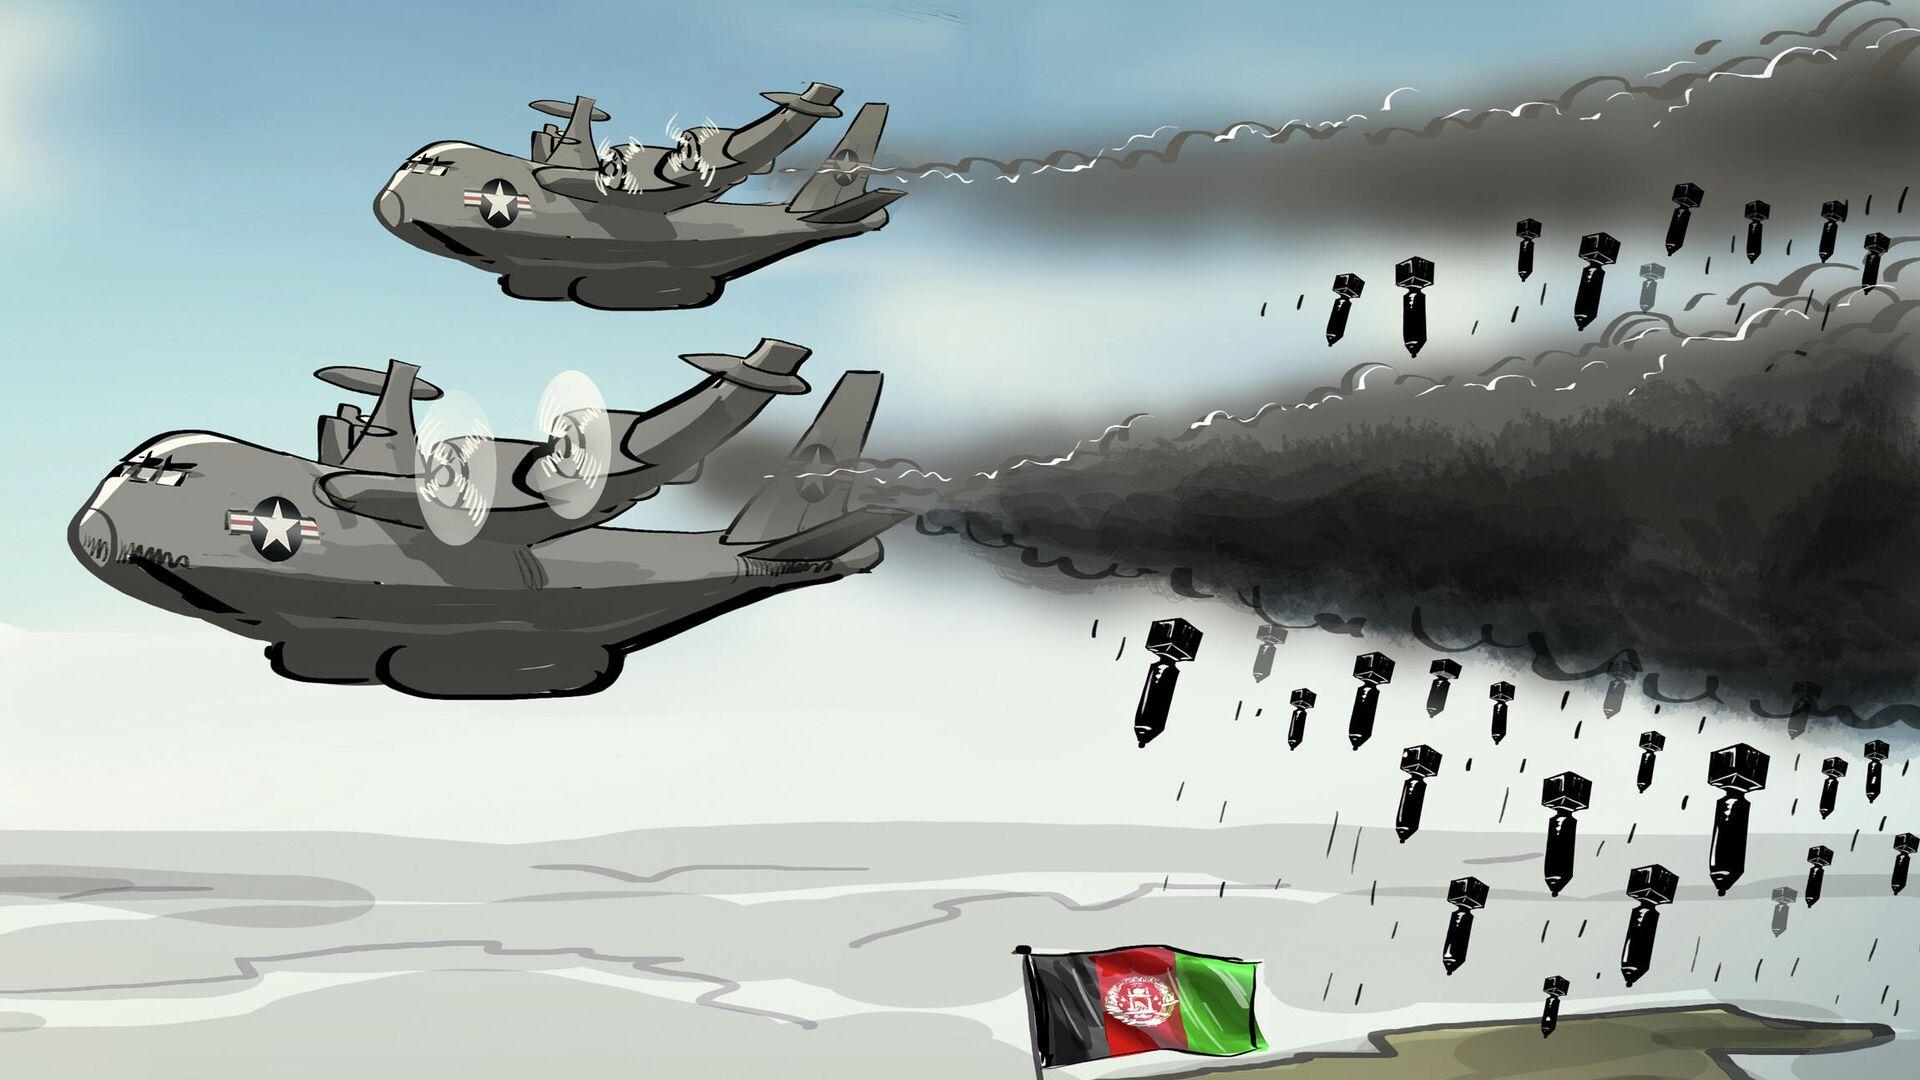 USA budou provádět letecké útoky na podporu afghánské vlády - Sputnik Česká republika, 1920, 26.07.2021